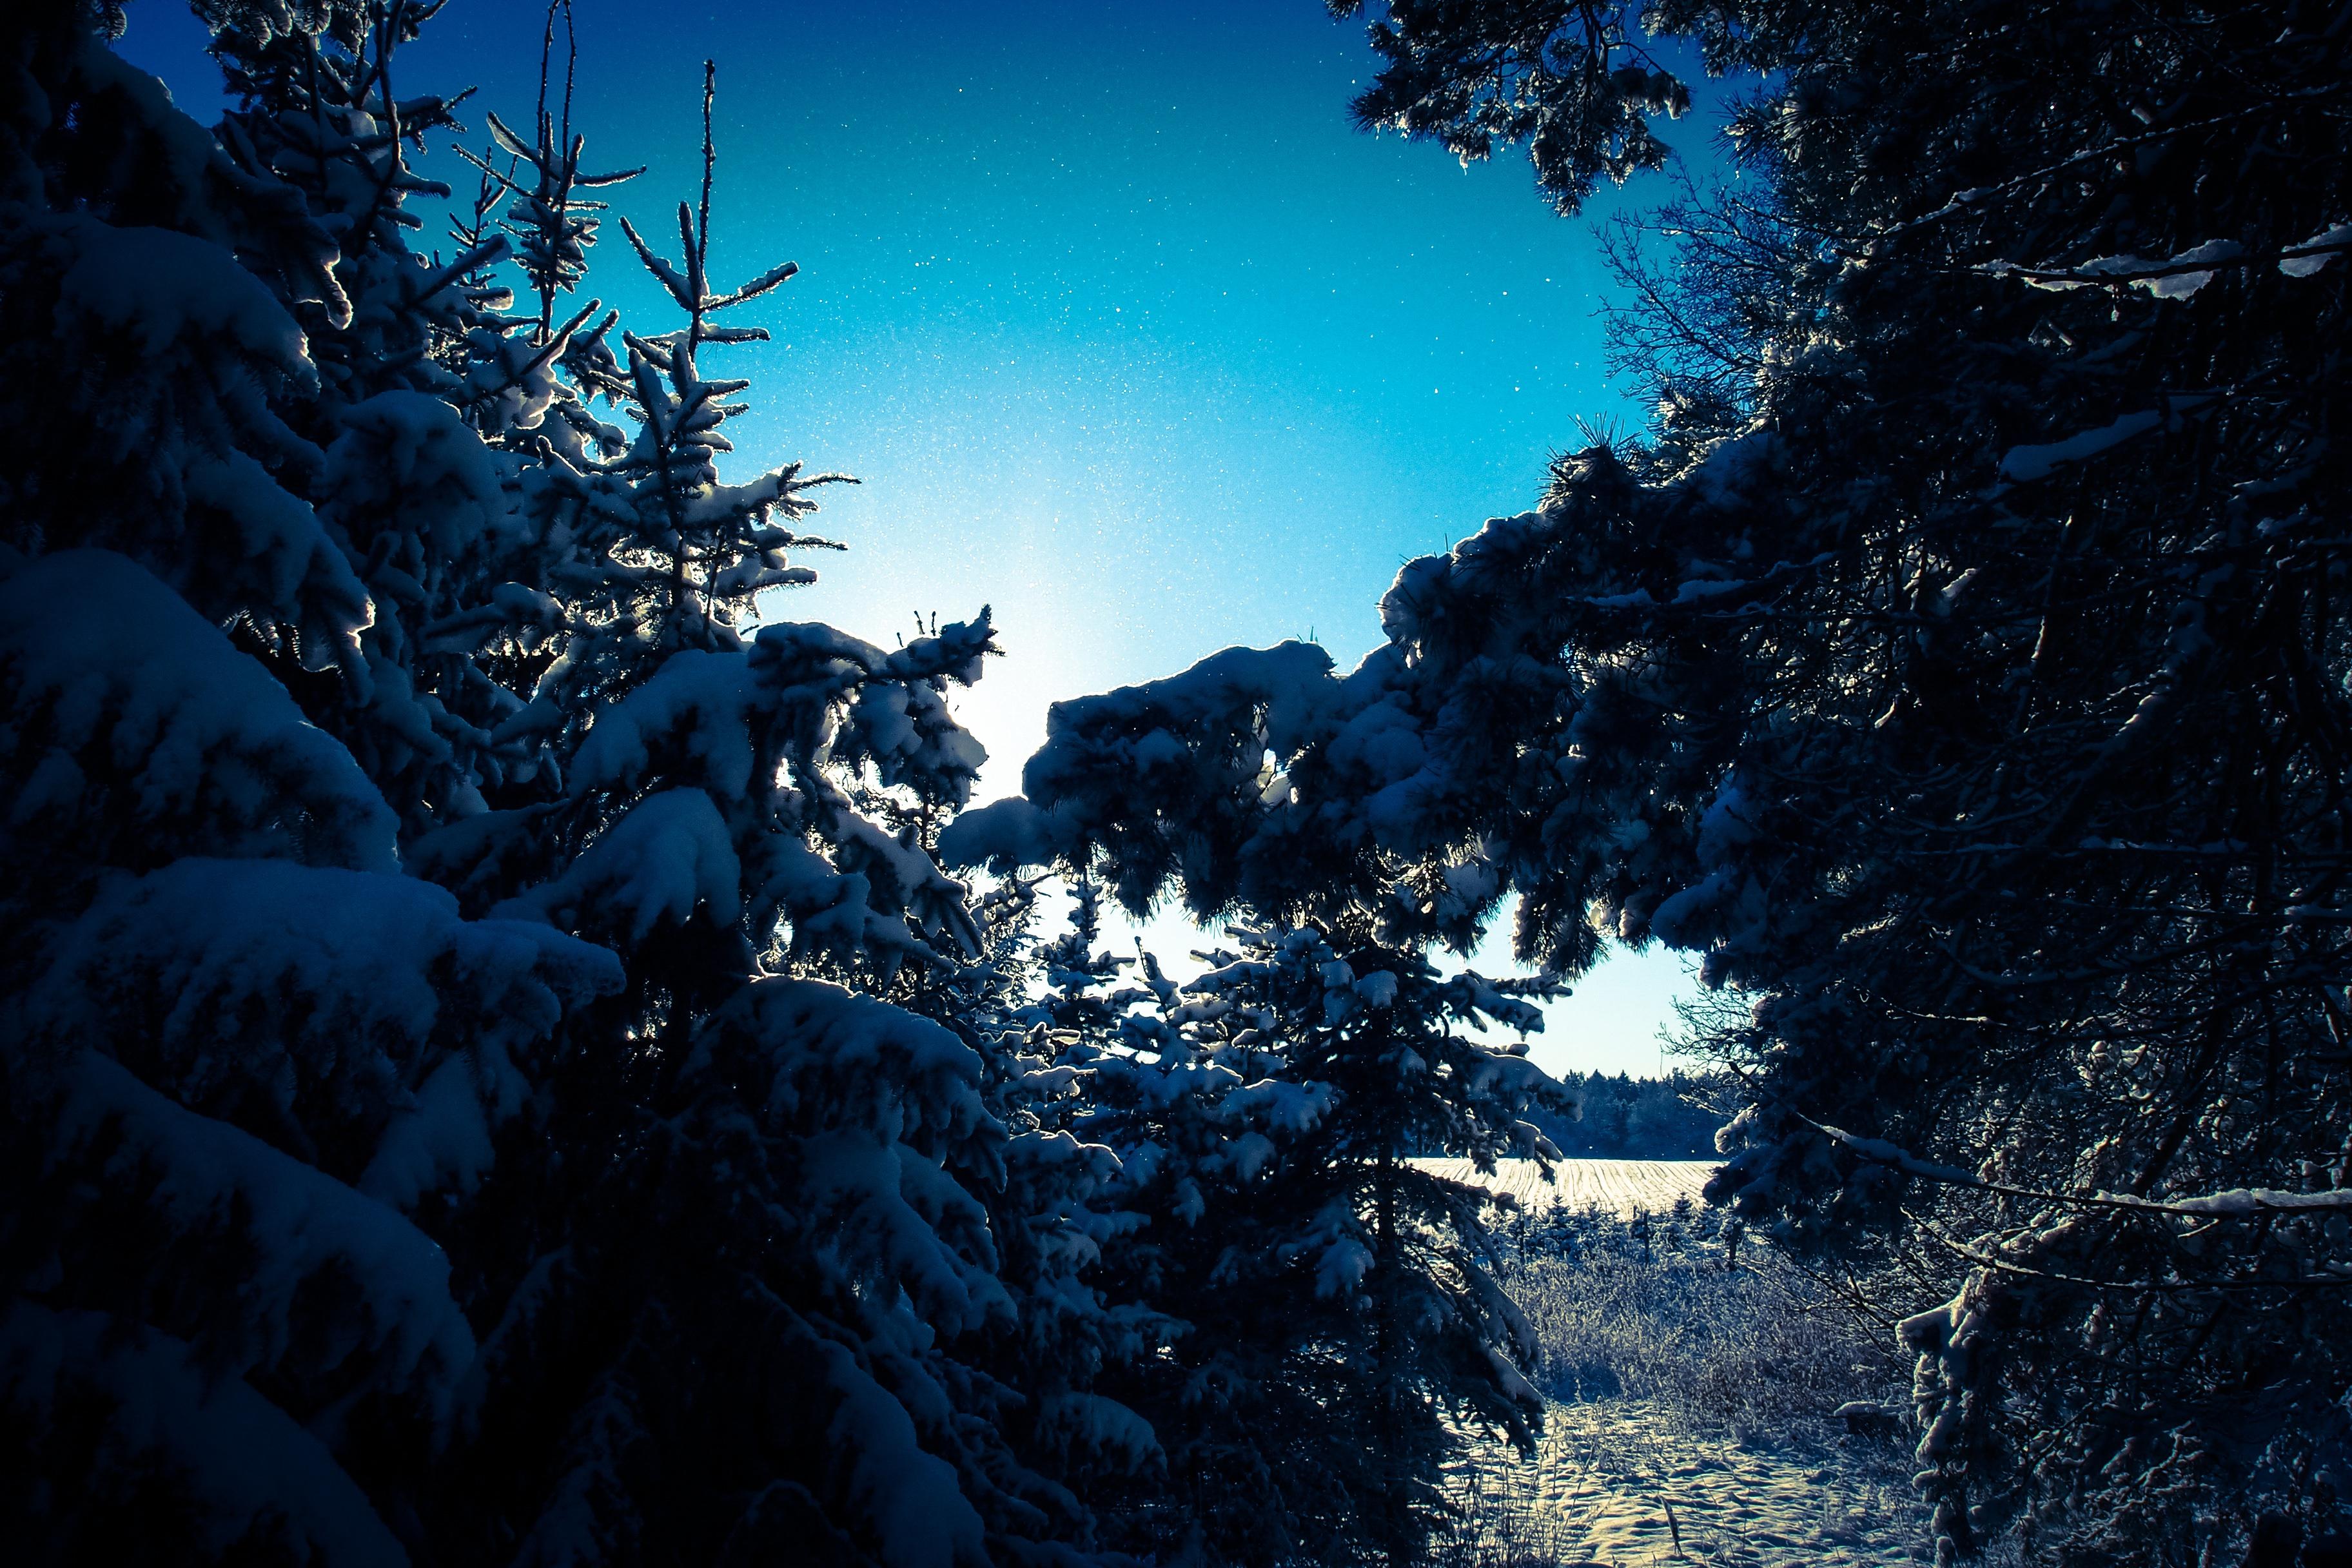 рабочие курорты зима лес картинки ночь новый диван